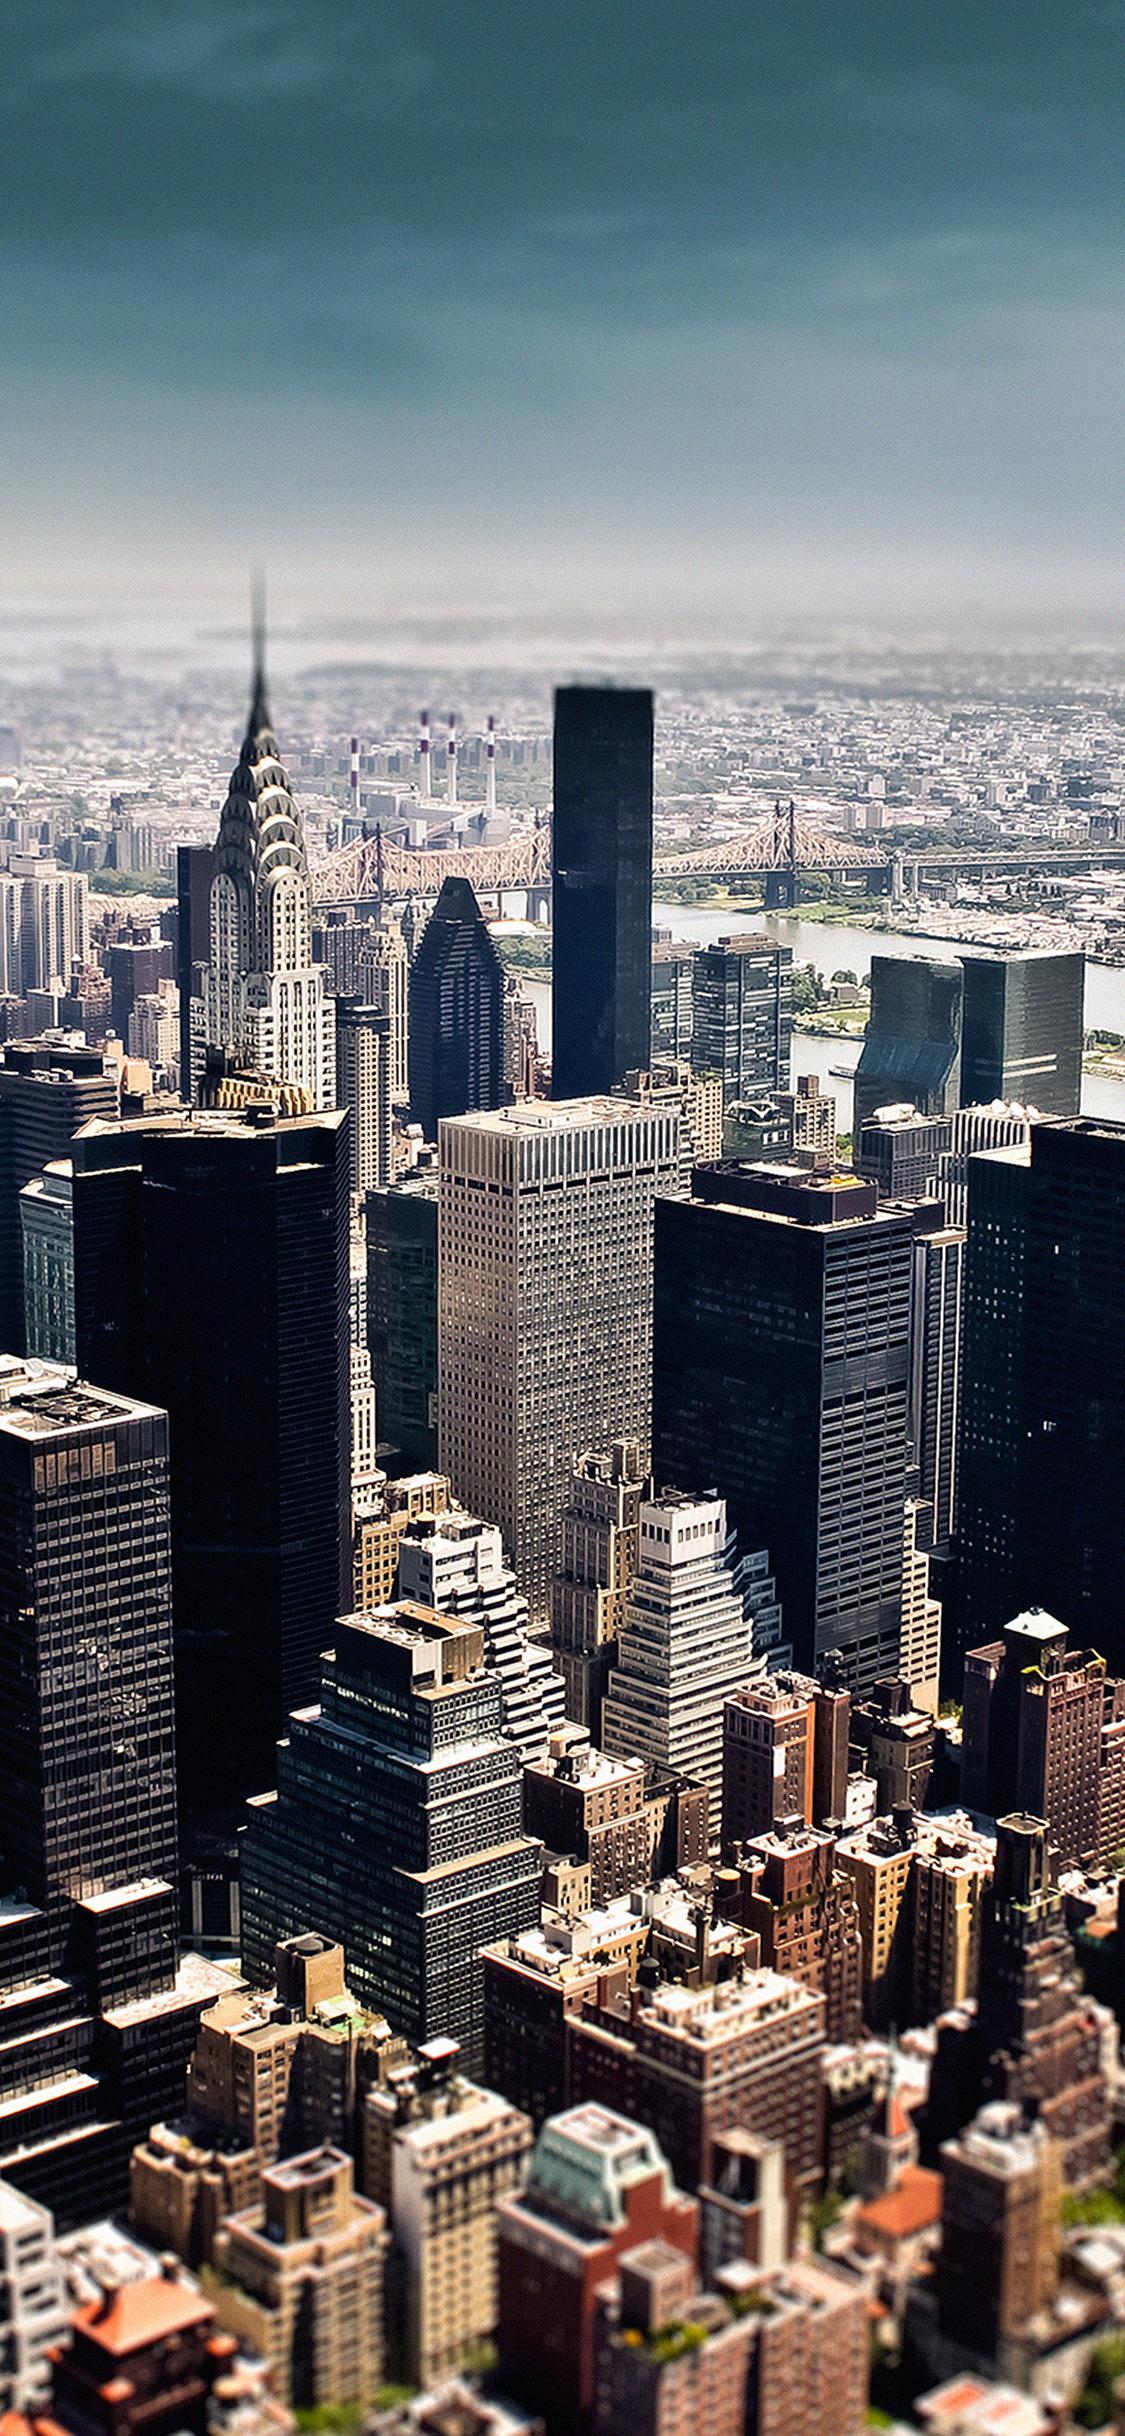 Iphonexpapers Mi03 New York Sky Tilt Shift City